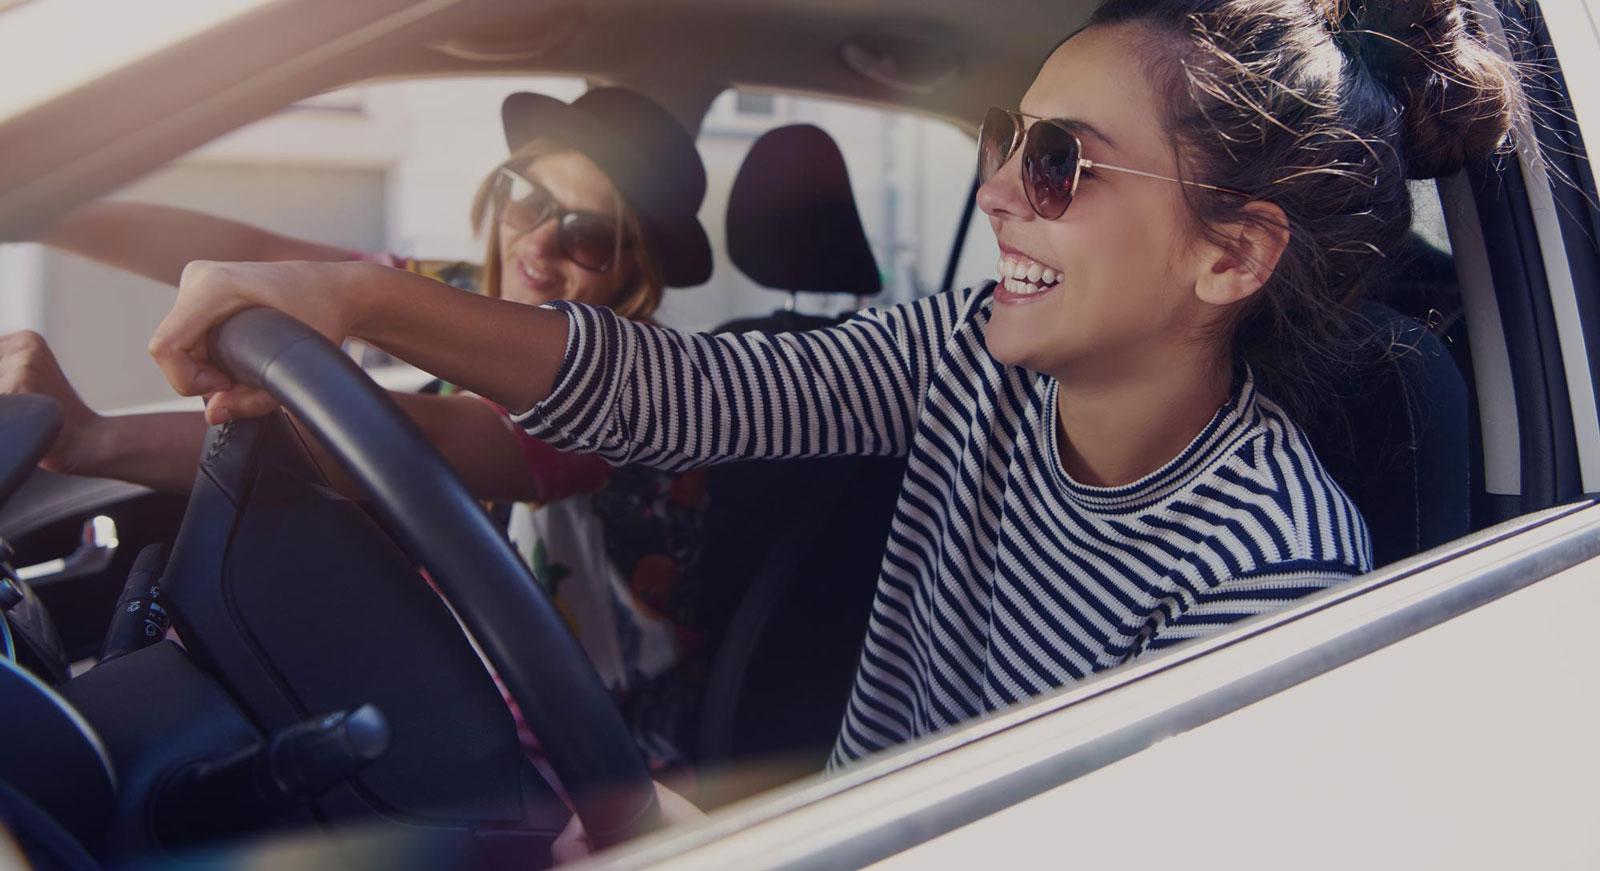 Autoleasing-asiakkaana nautit autoilusta ilman auton omistamisen riskejä.